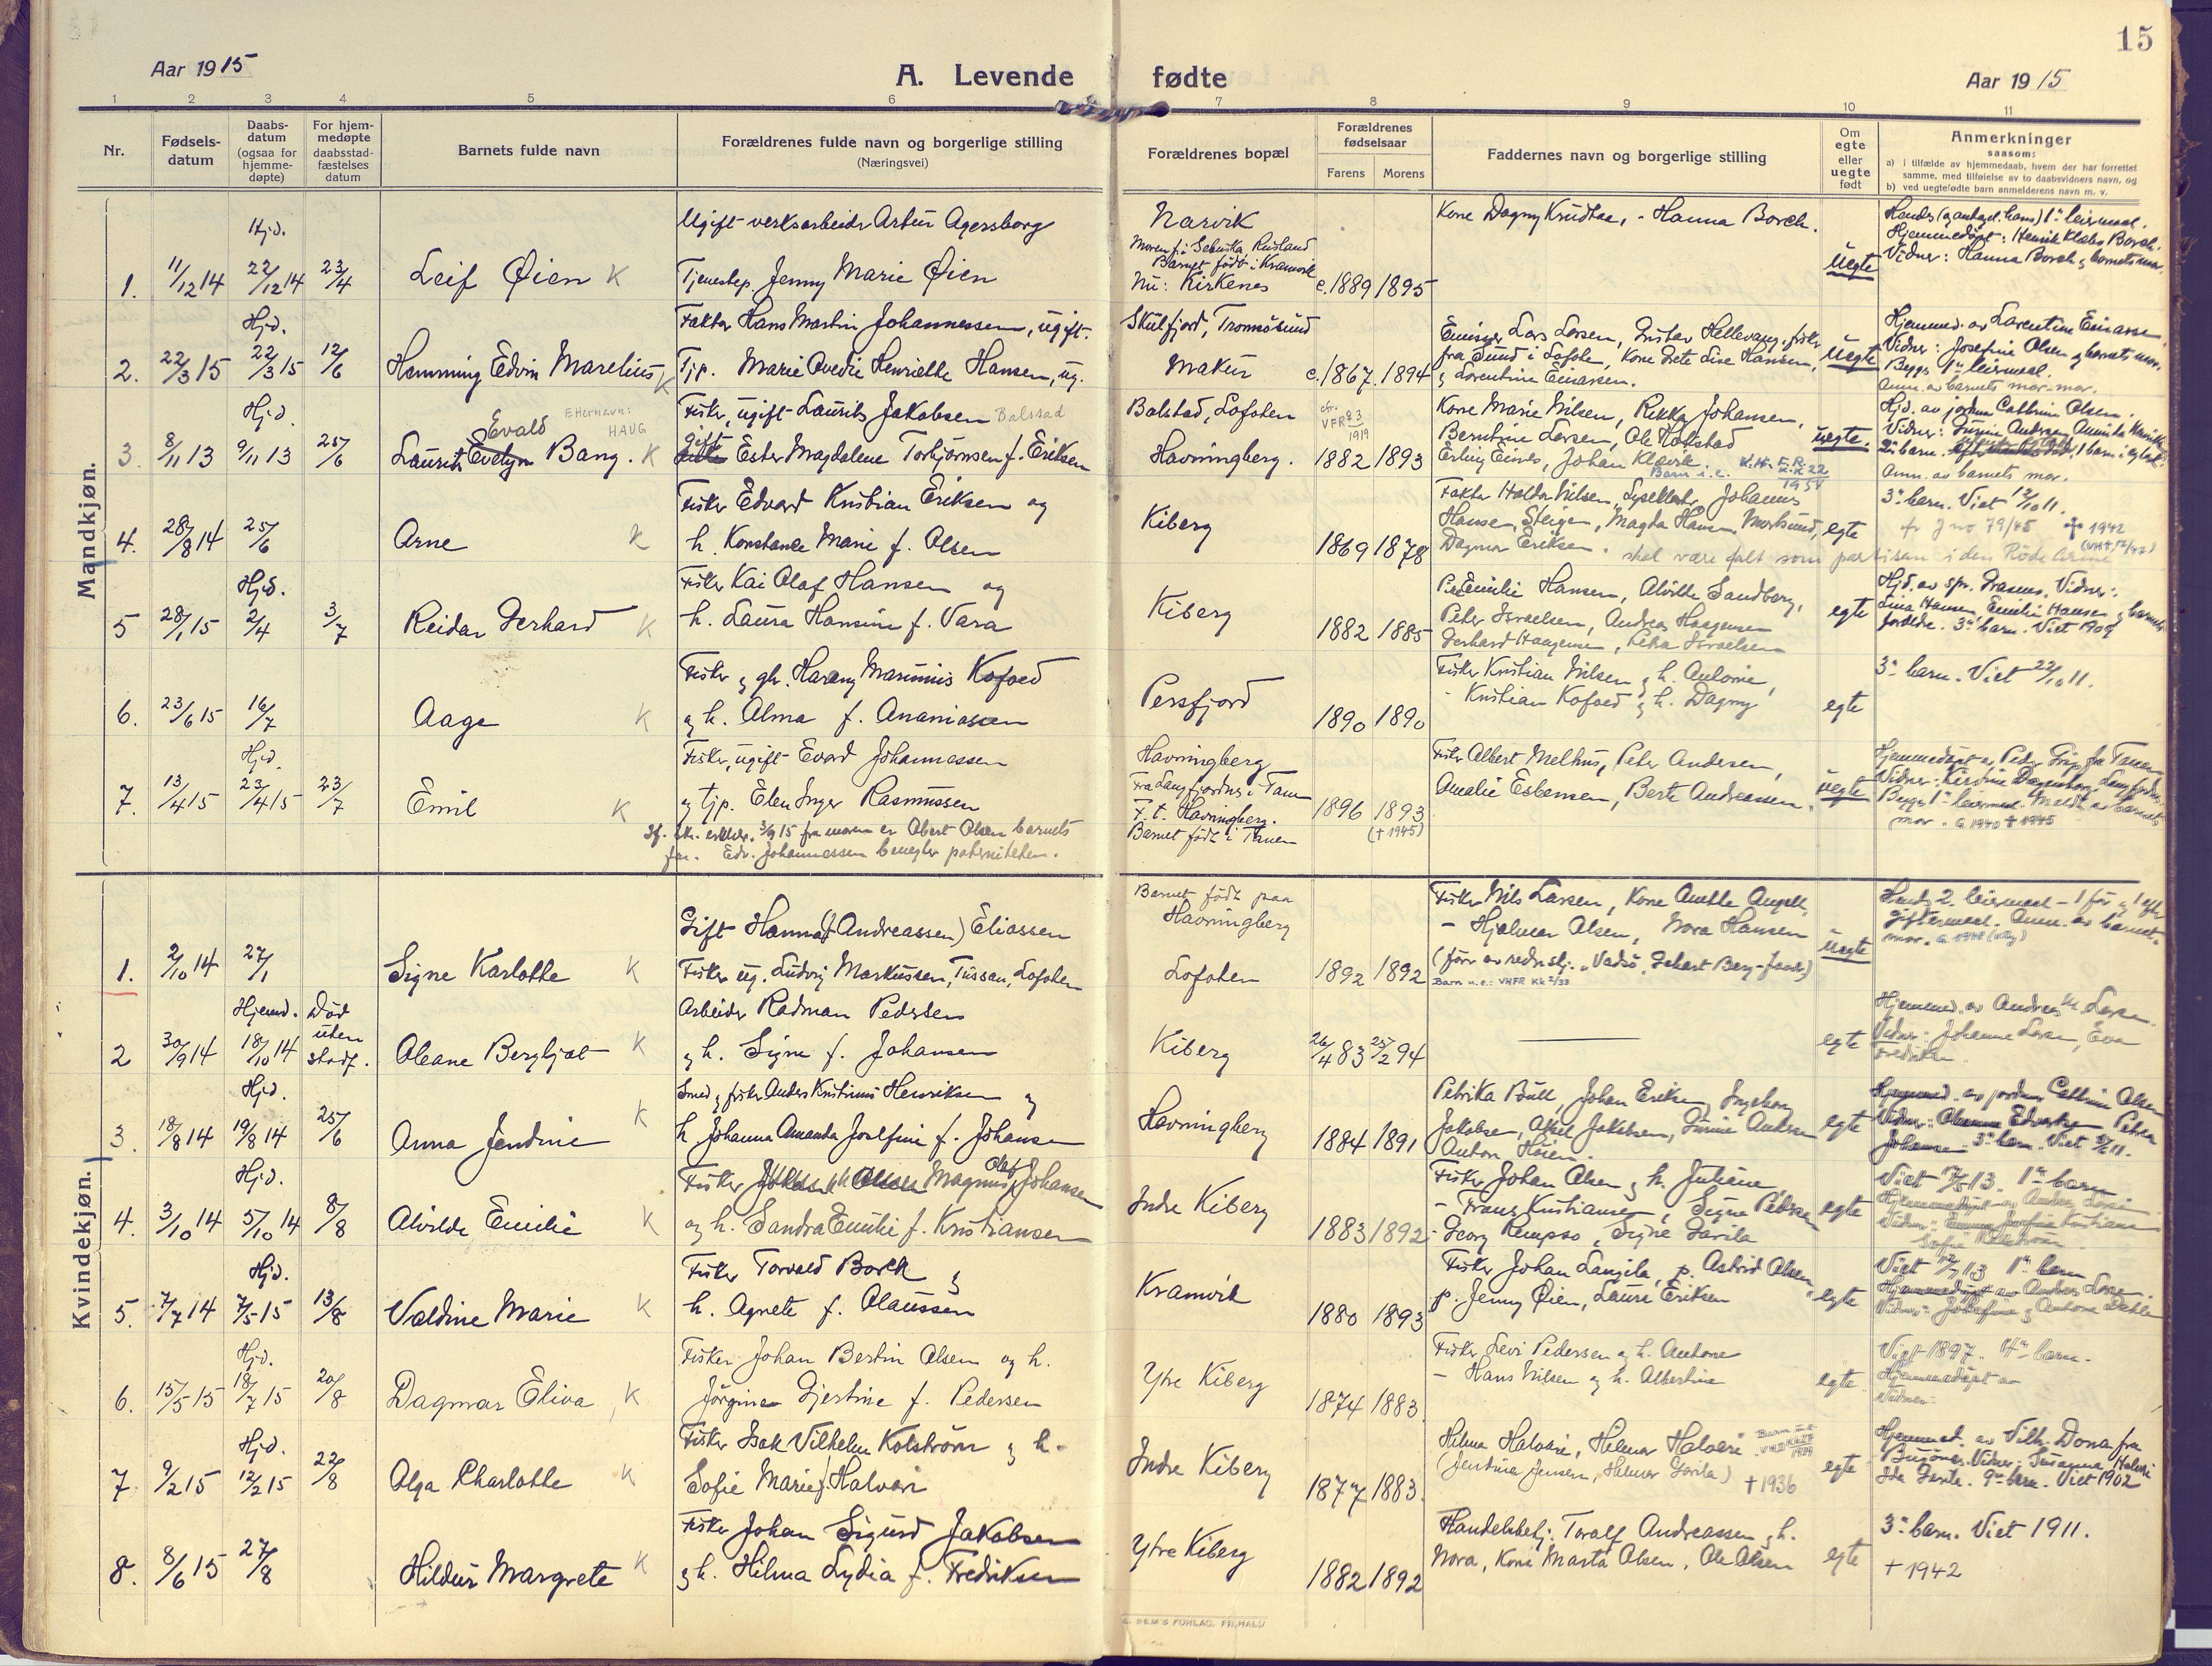 SATØ, Vardø sokneprestkontor, H/Ha/L0013kirke: Ministerialbok nr. 13, 1912-1928, s. 15